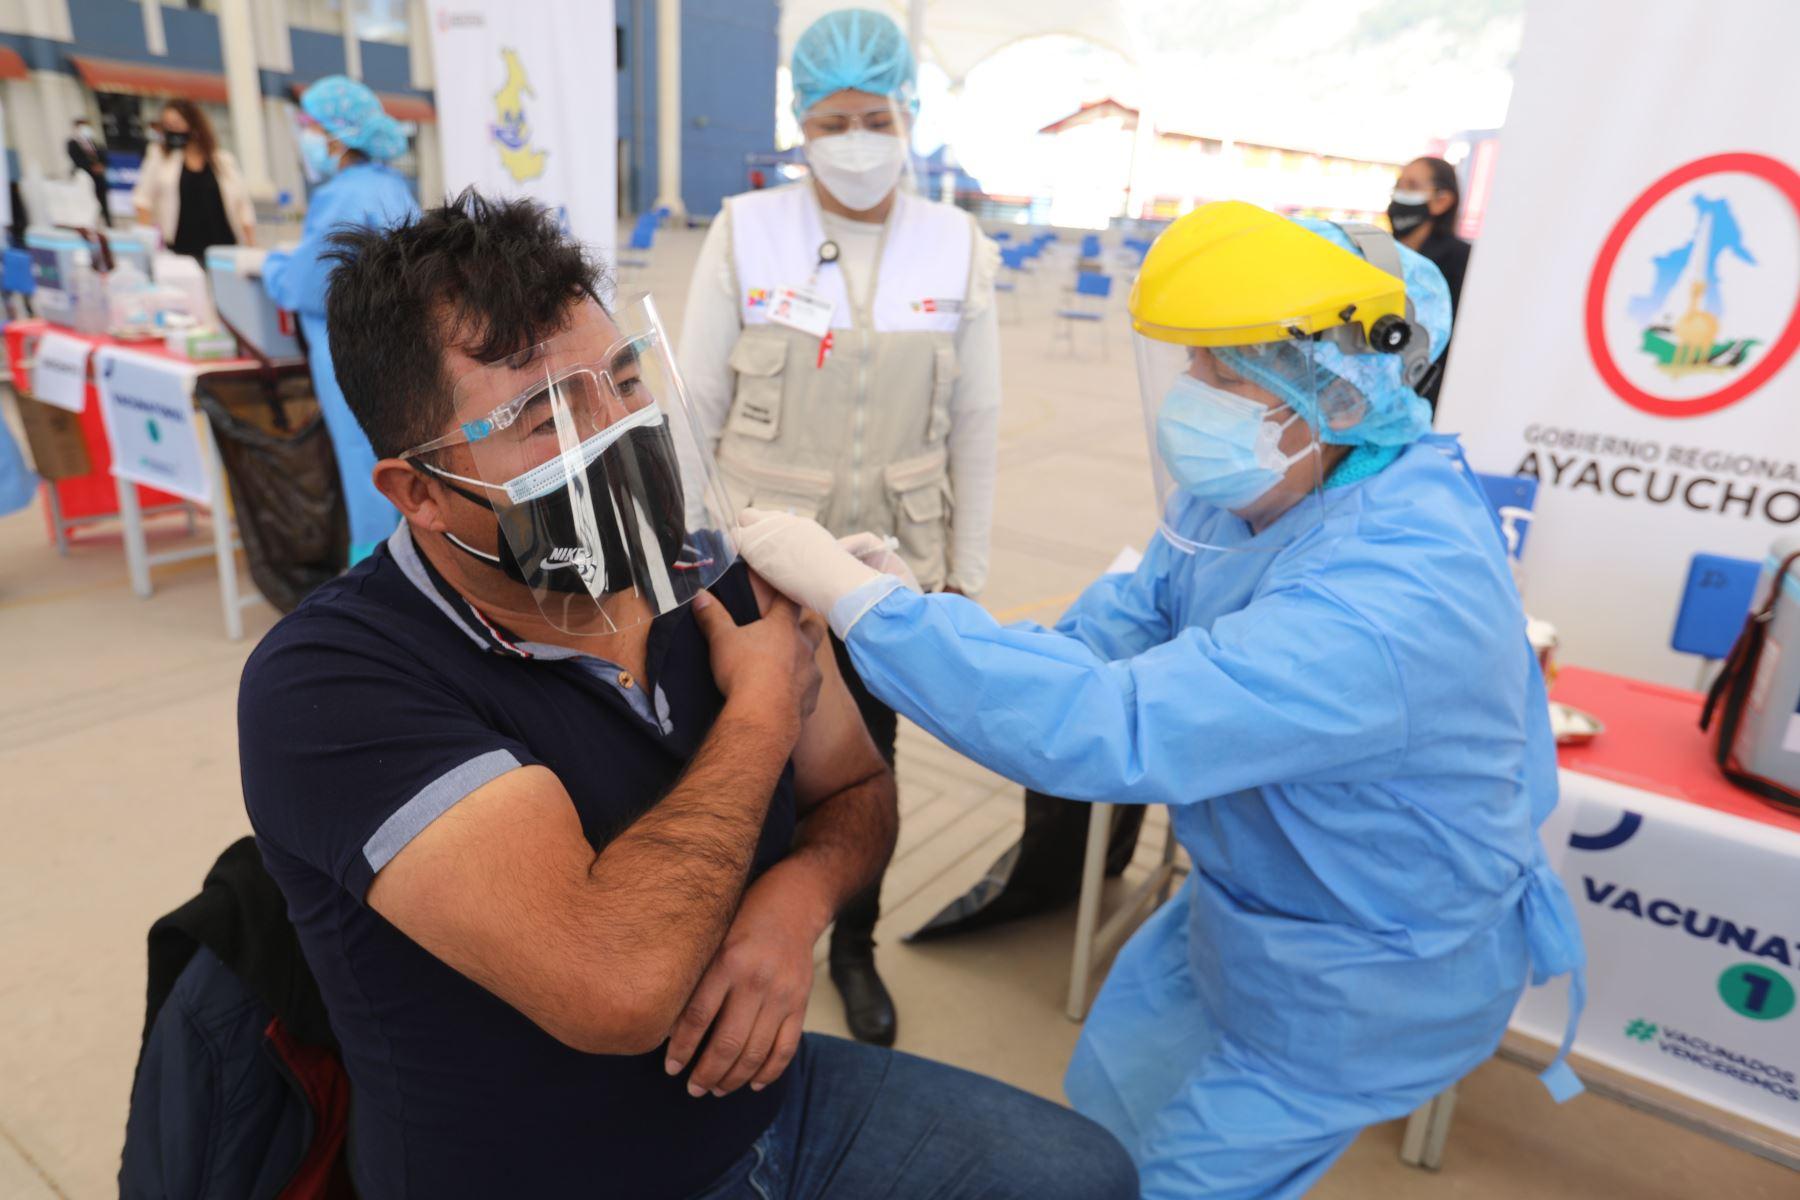 """La región Ayacucho lidera el """"ranking"""" de vacunación nacional con un total de 84 % de su población inoculada. Foto: ANDINA/Gore Ayacucho"""